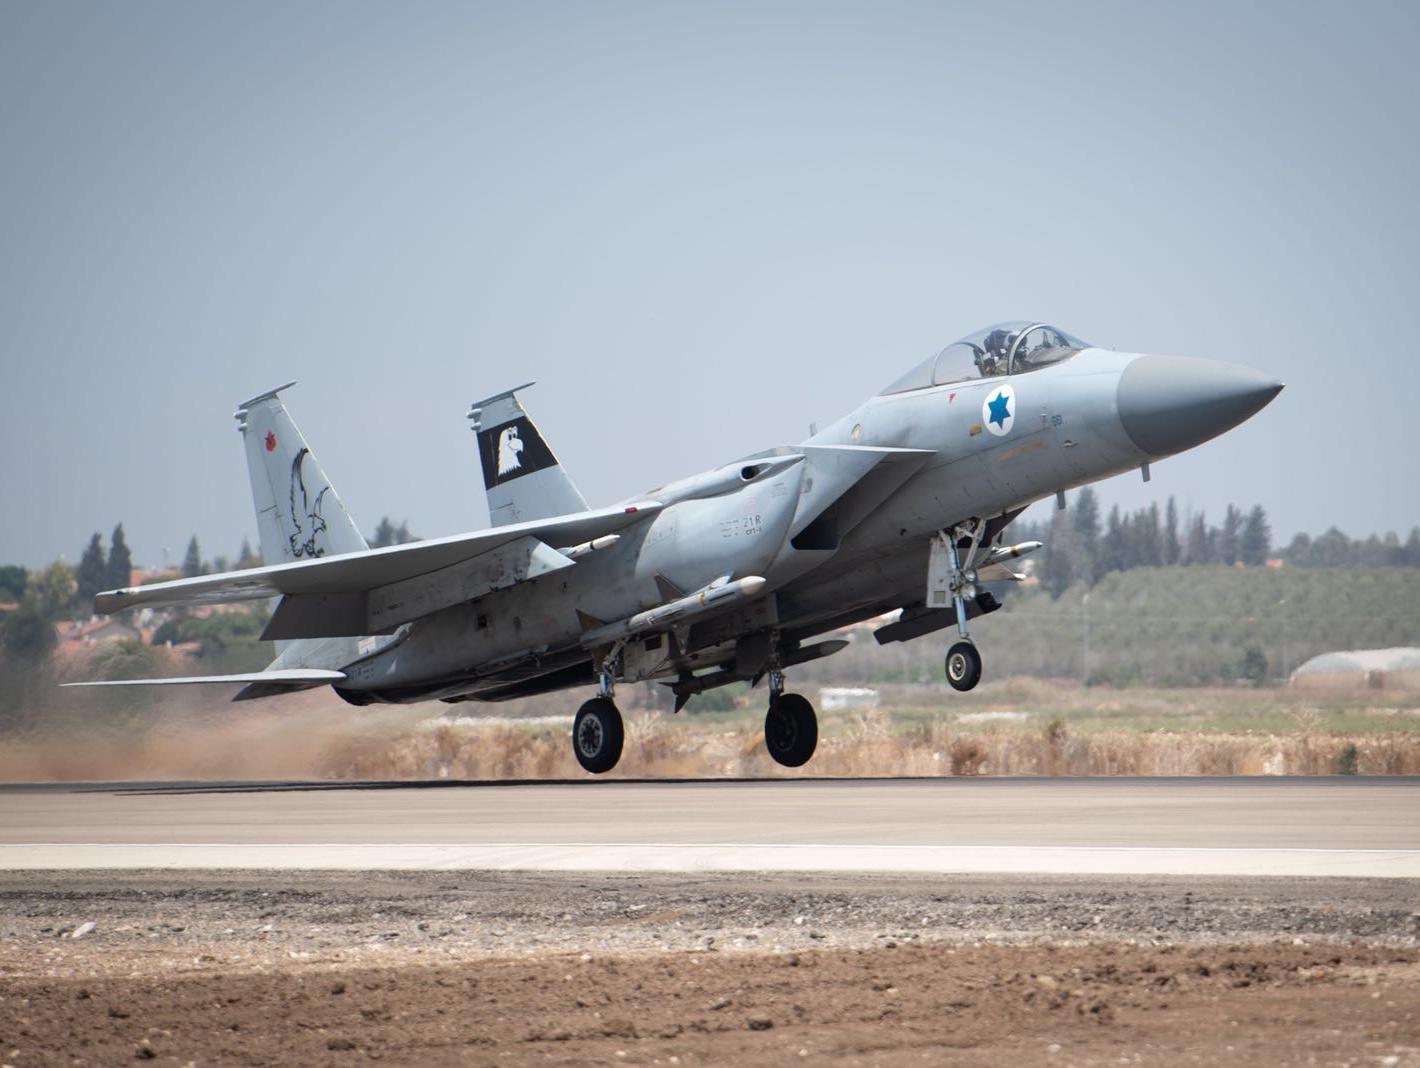 היערכות בחיל האוויר אחרי התקיפה הנרחבת: